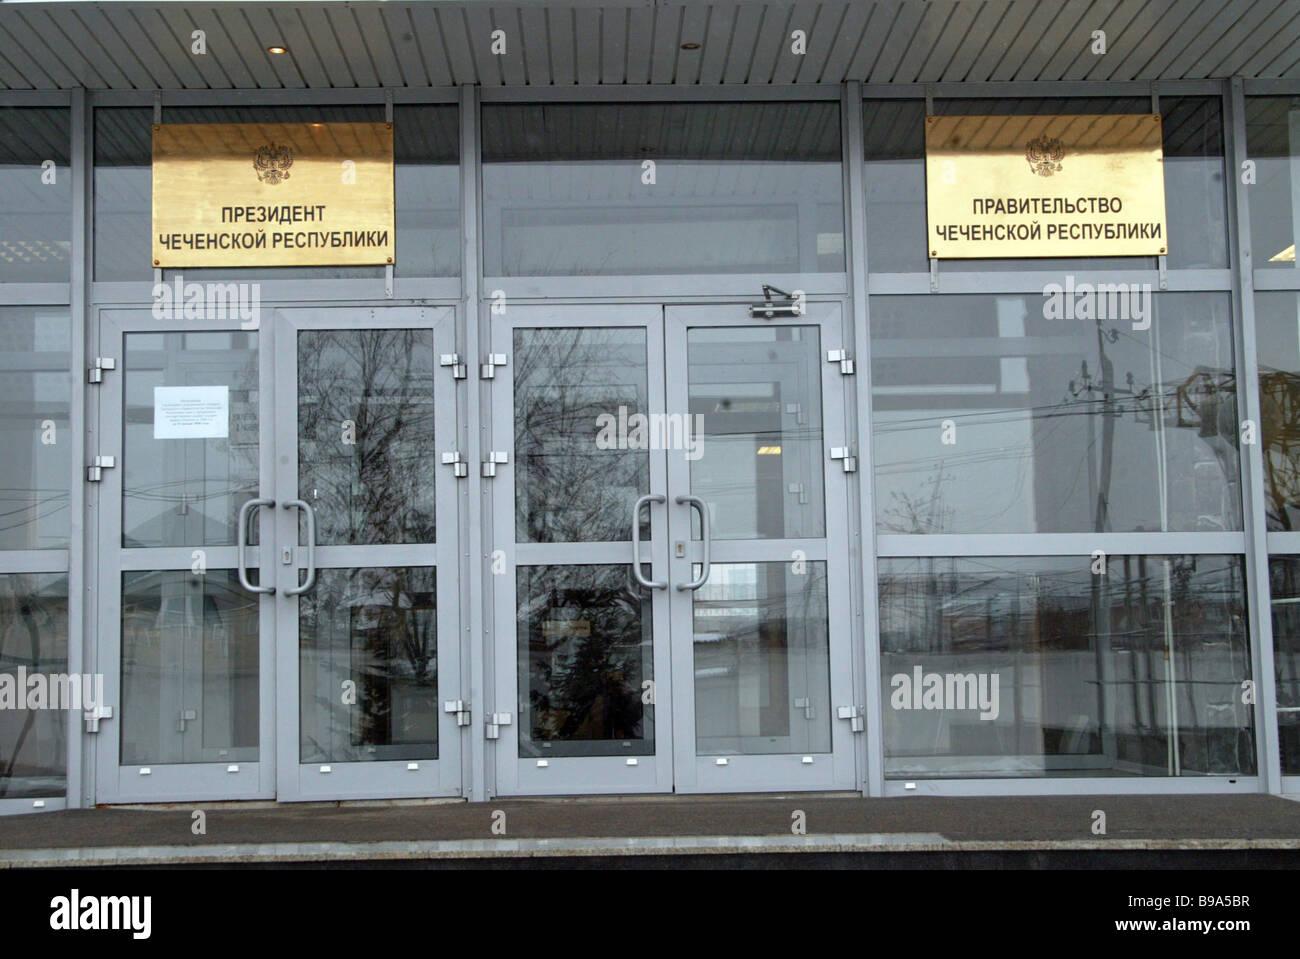 Chechen republican government premises - Stock Image